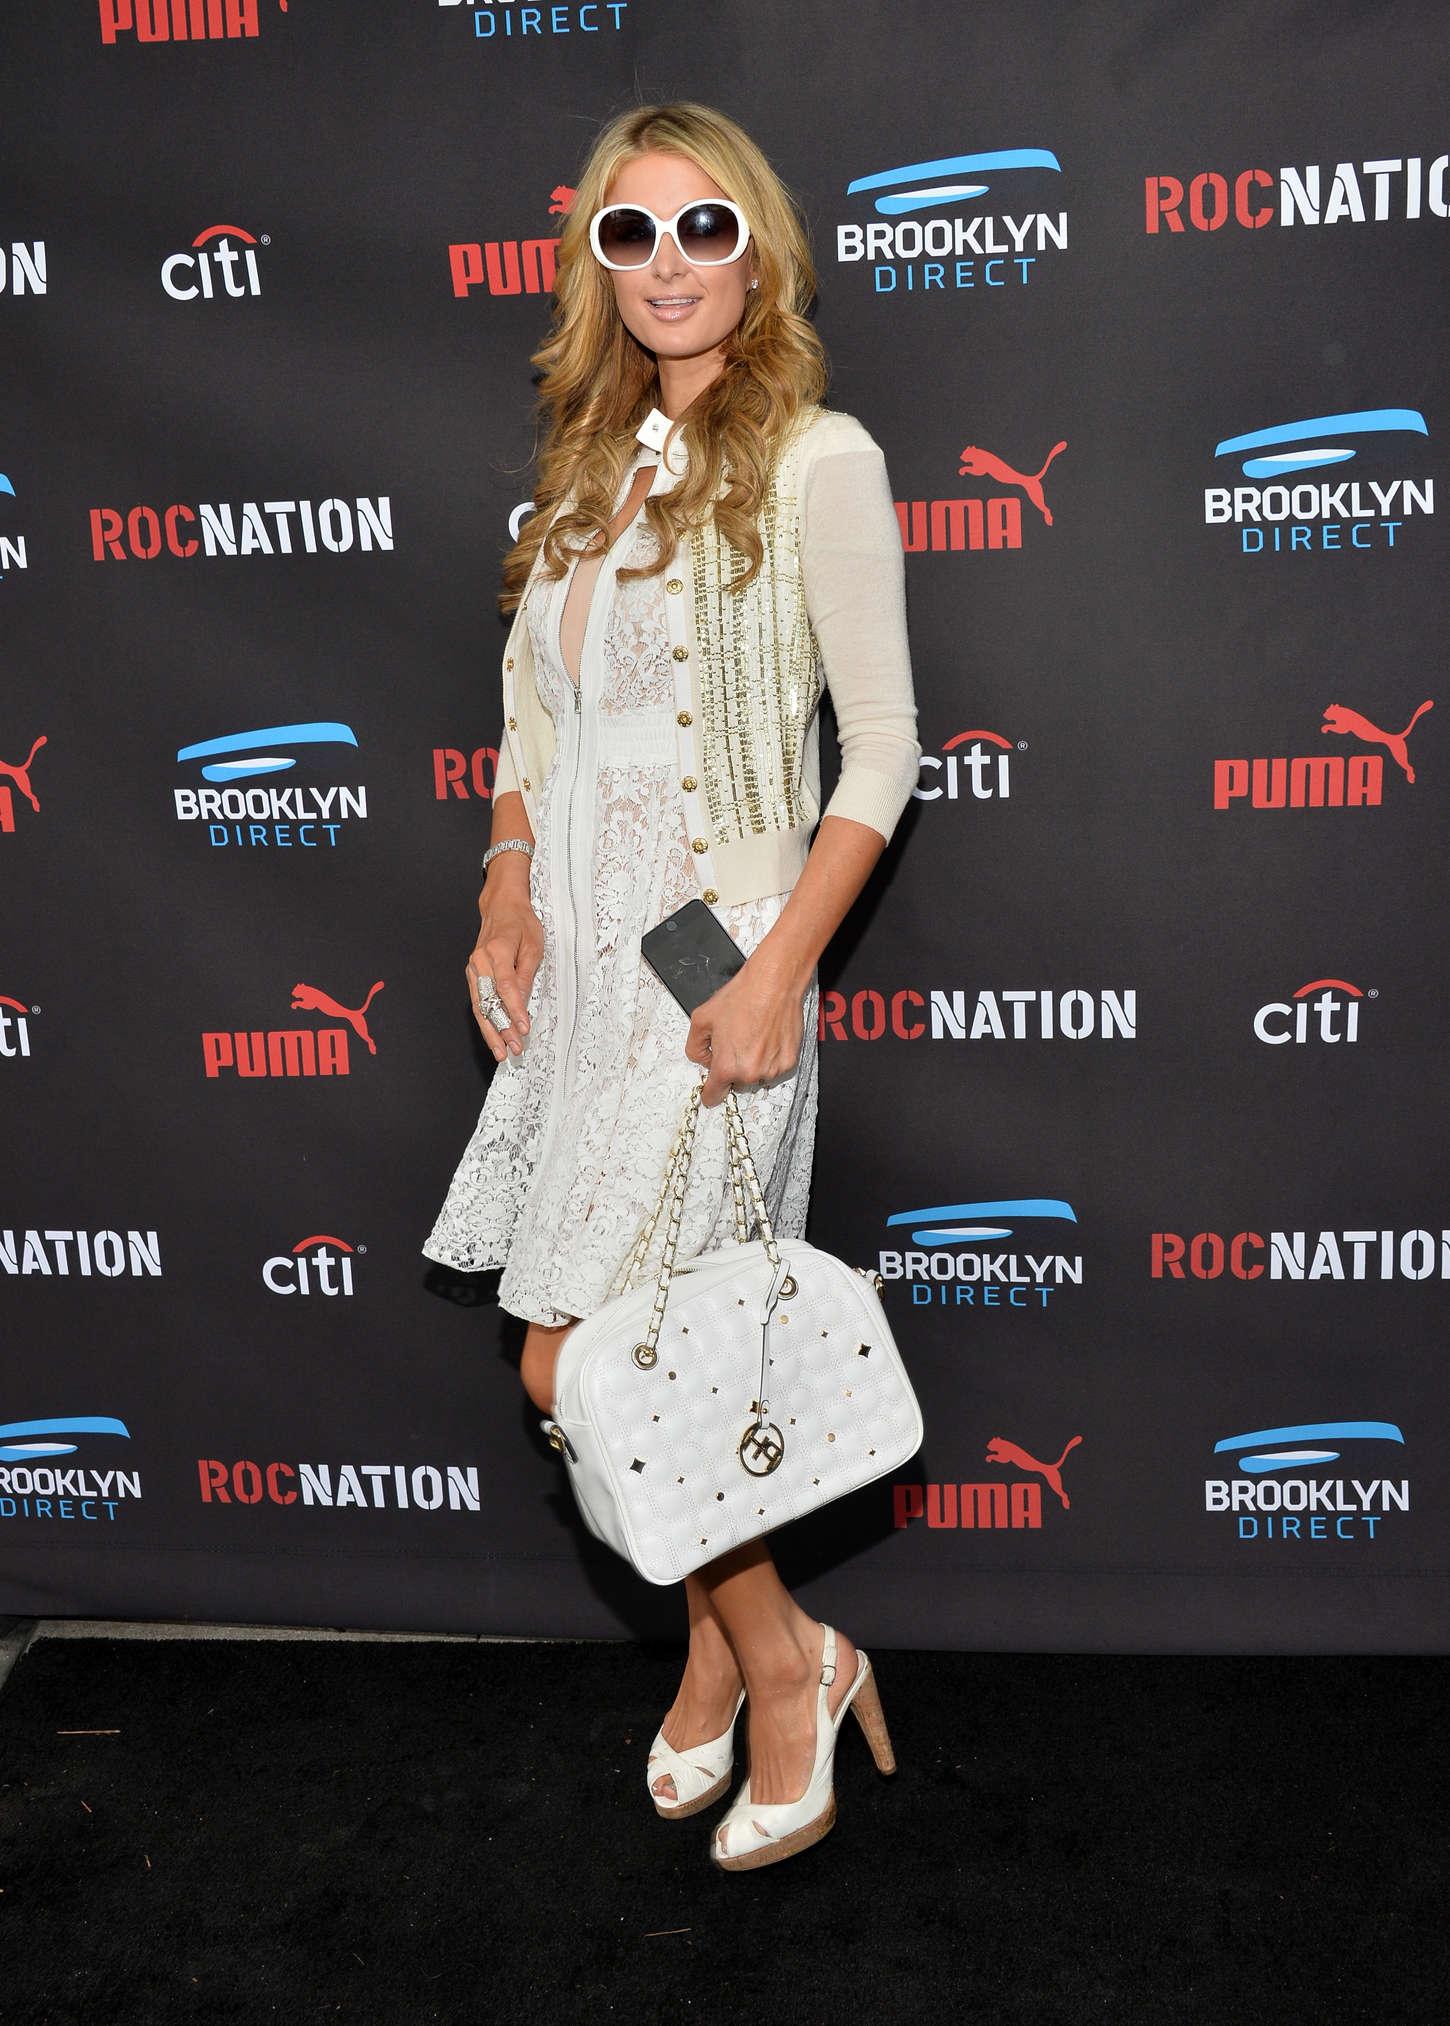 Paris Hilton 2015 : Paris Hilton: Roc Nation Grammy Brunch 2015 -17